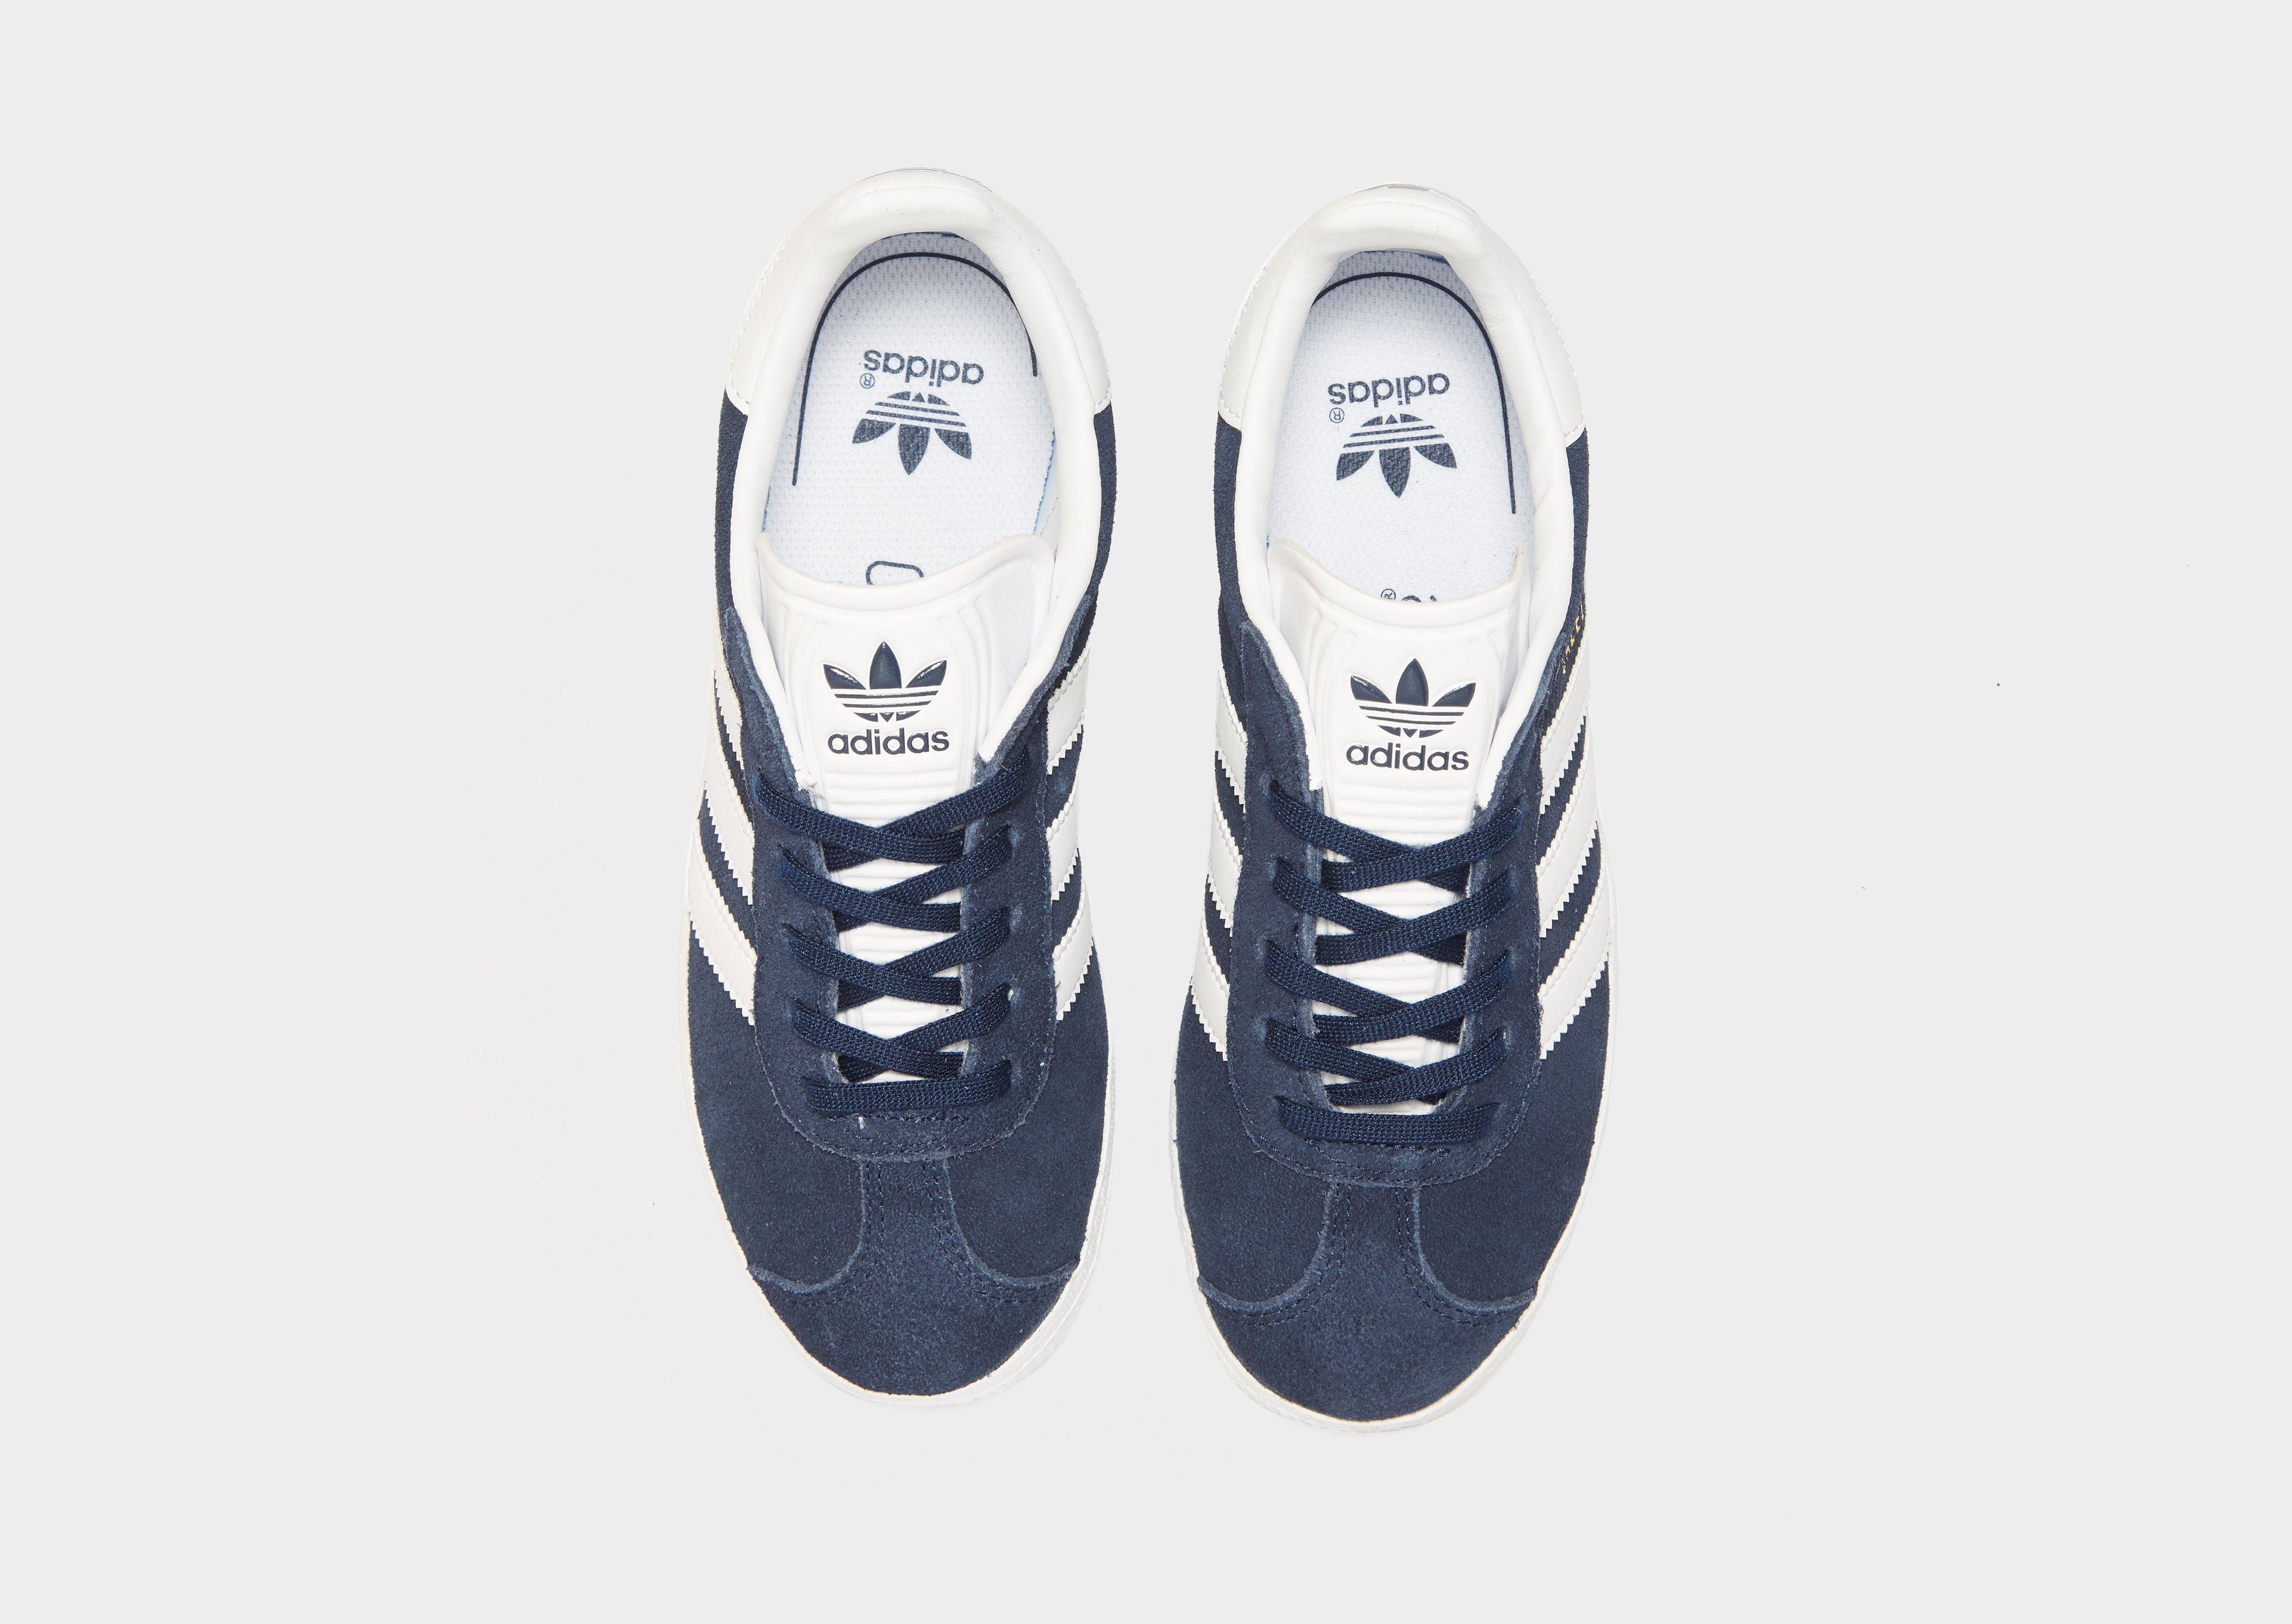 acheter populaire 23849 7d9e8 Réduction authentique adidas gazelle noir junior Baskets ...